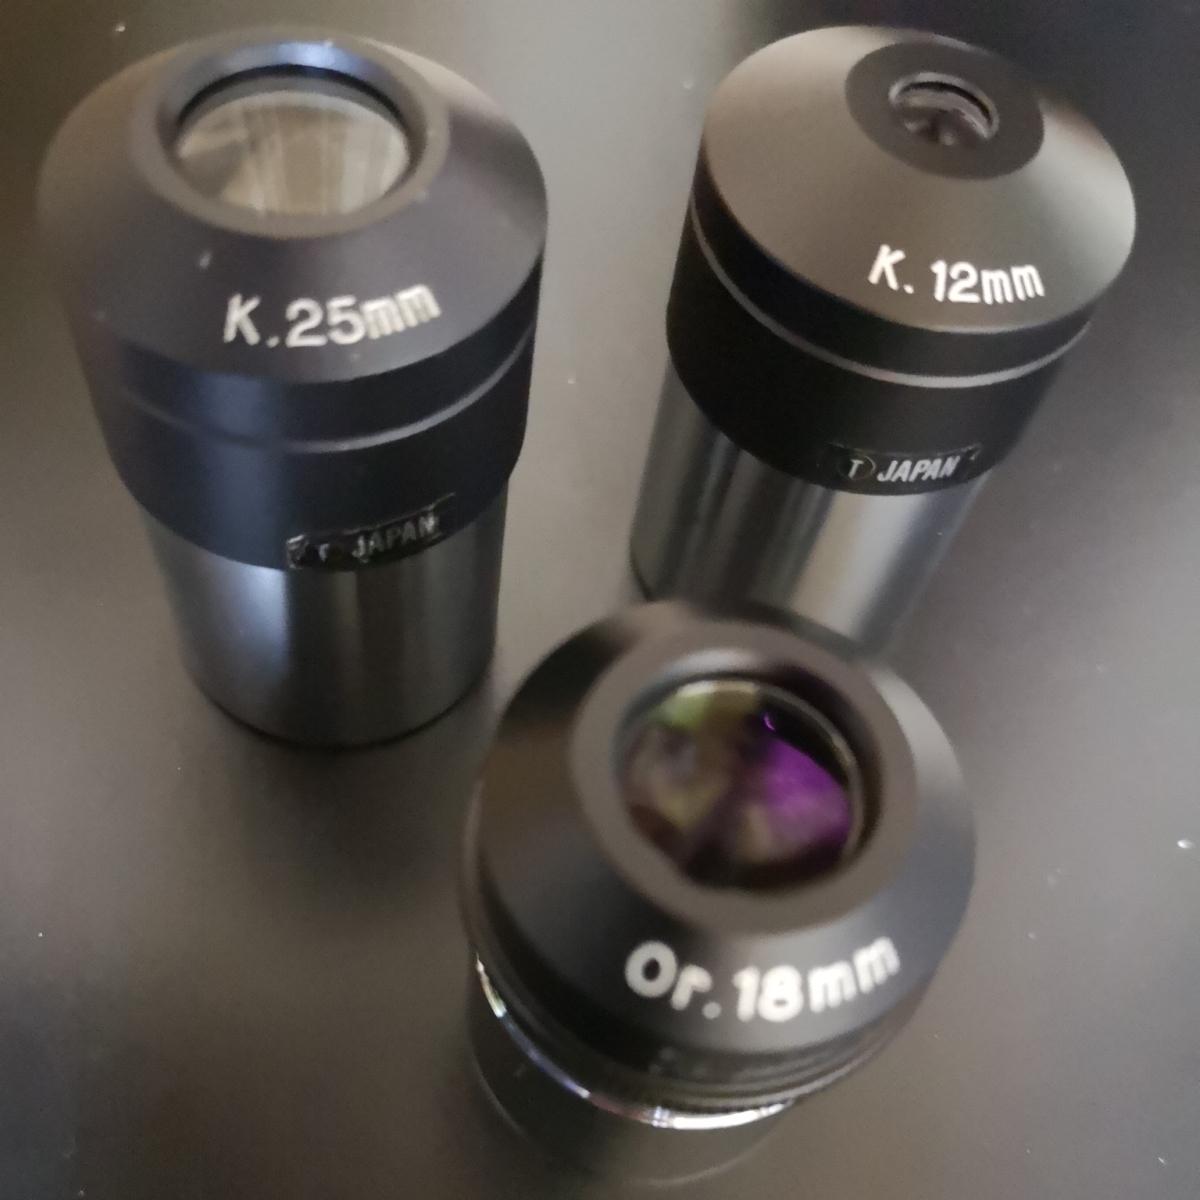 谷オルソ18mm,谷ケルナー25mm,谷ケルナー12mm 3本セット